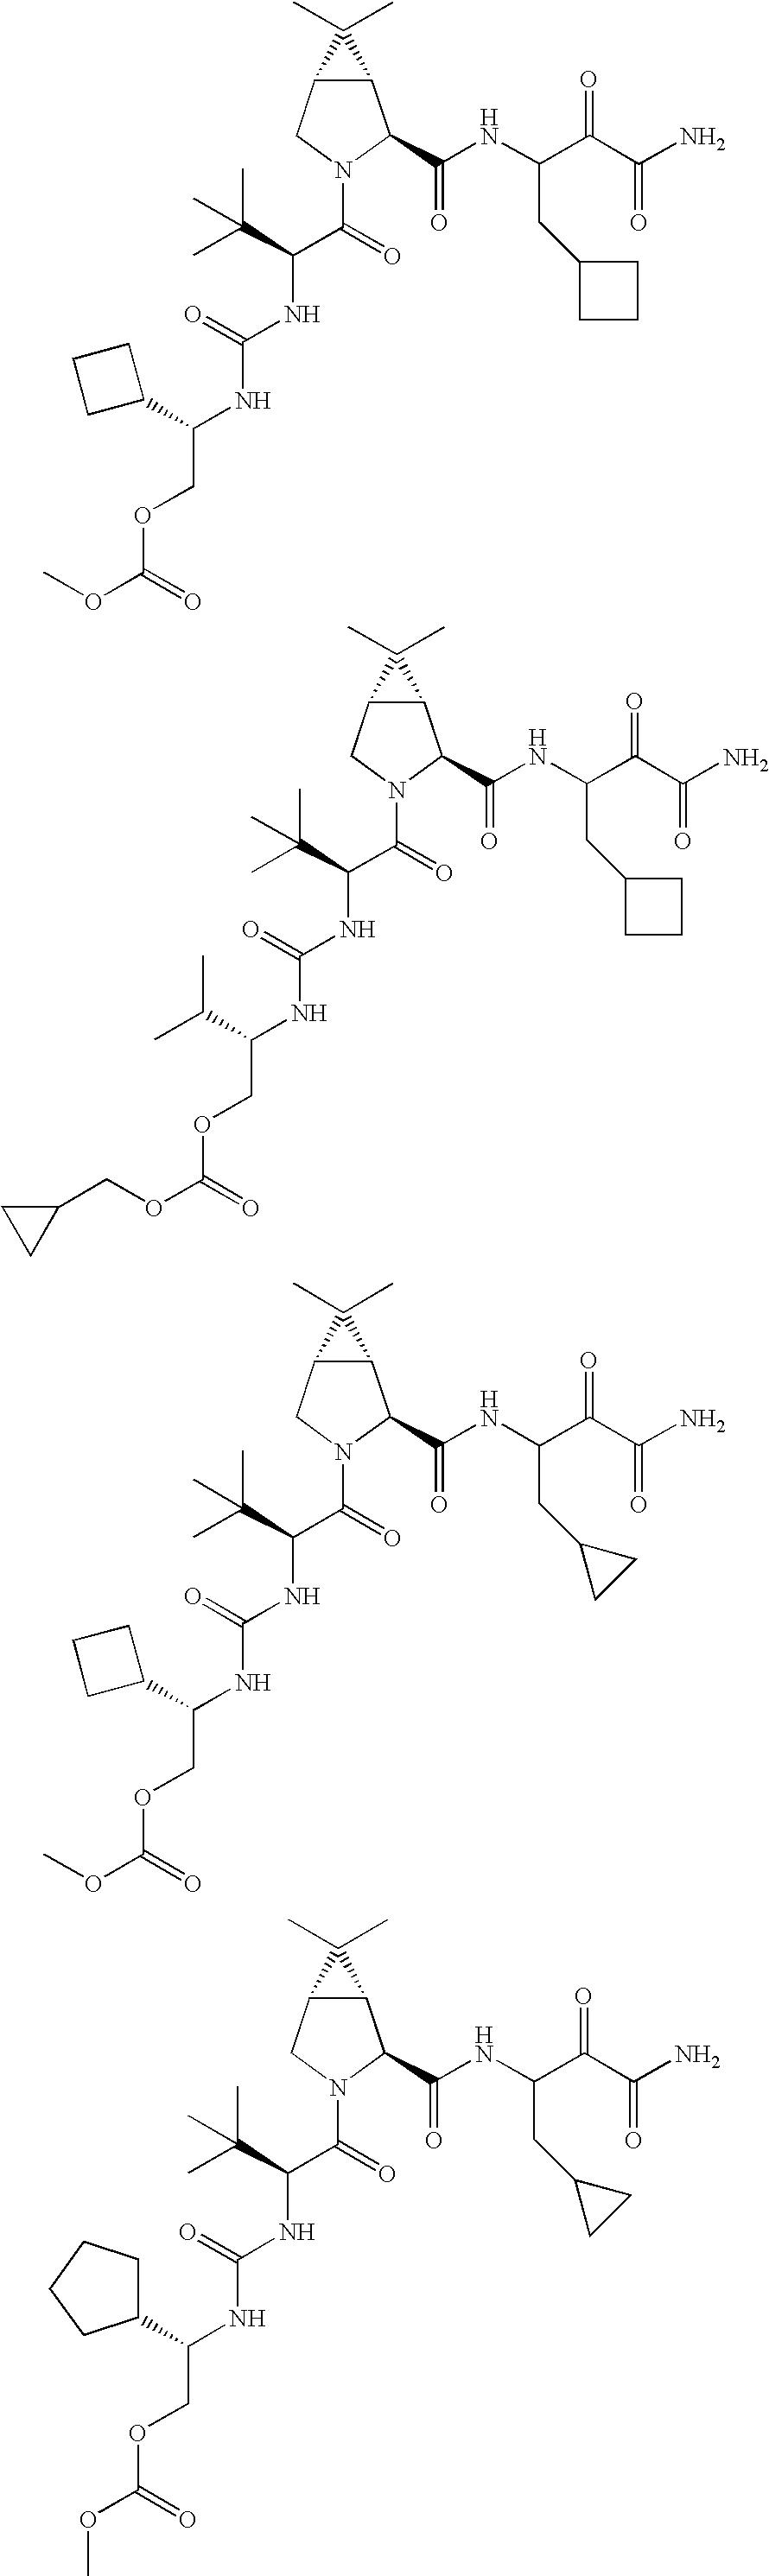 Figure US20060287248A1-20061221-C00361